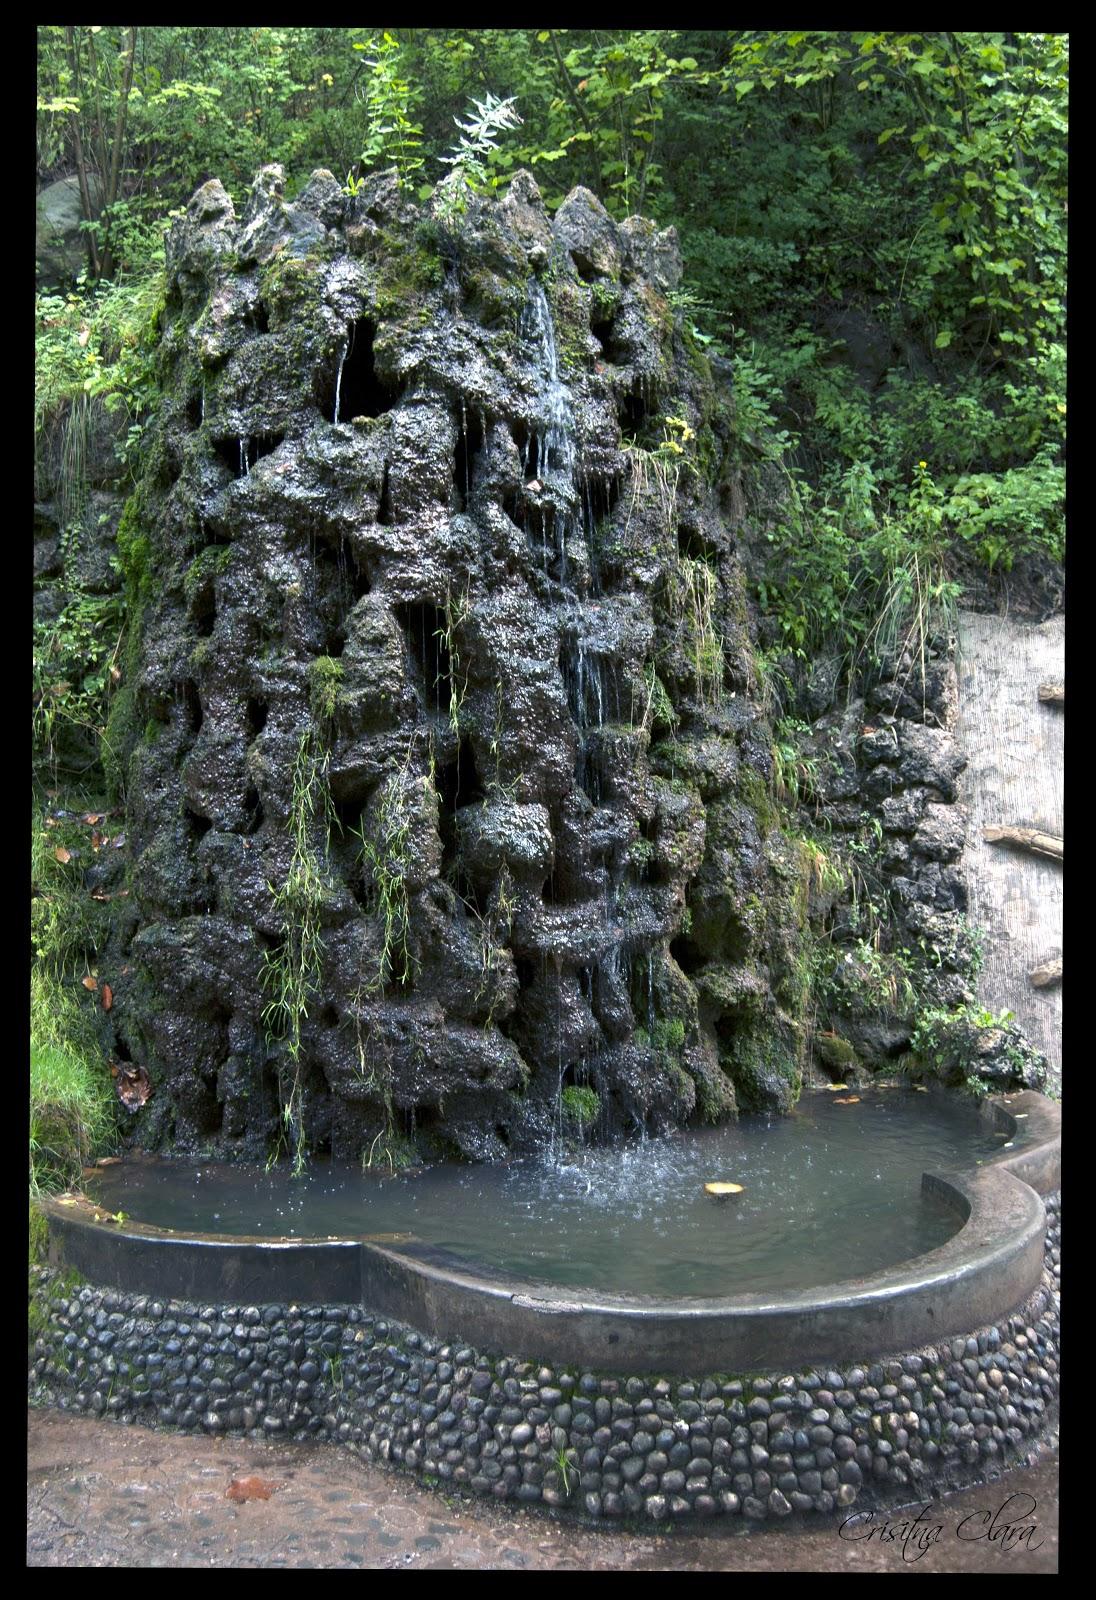 Cristina clara fotograf a jardines artigas la pobla de for Fuentes de cascada para jardin